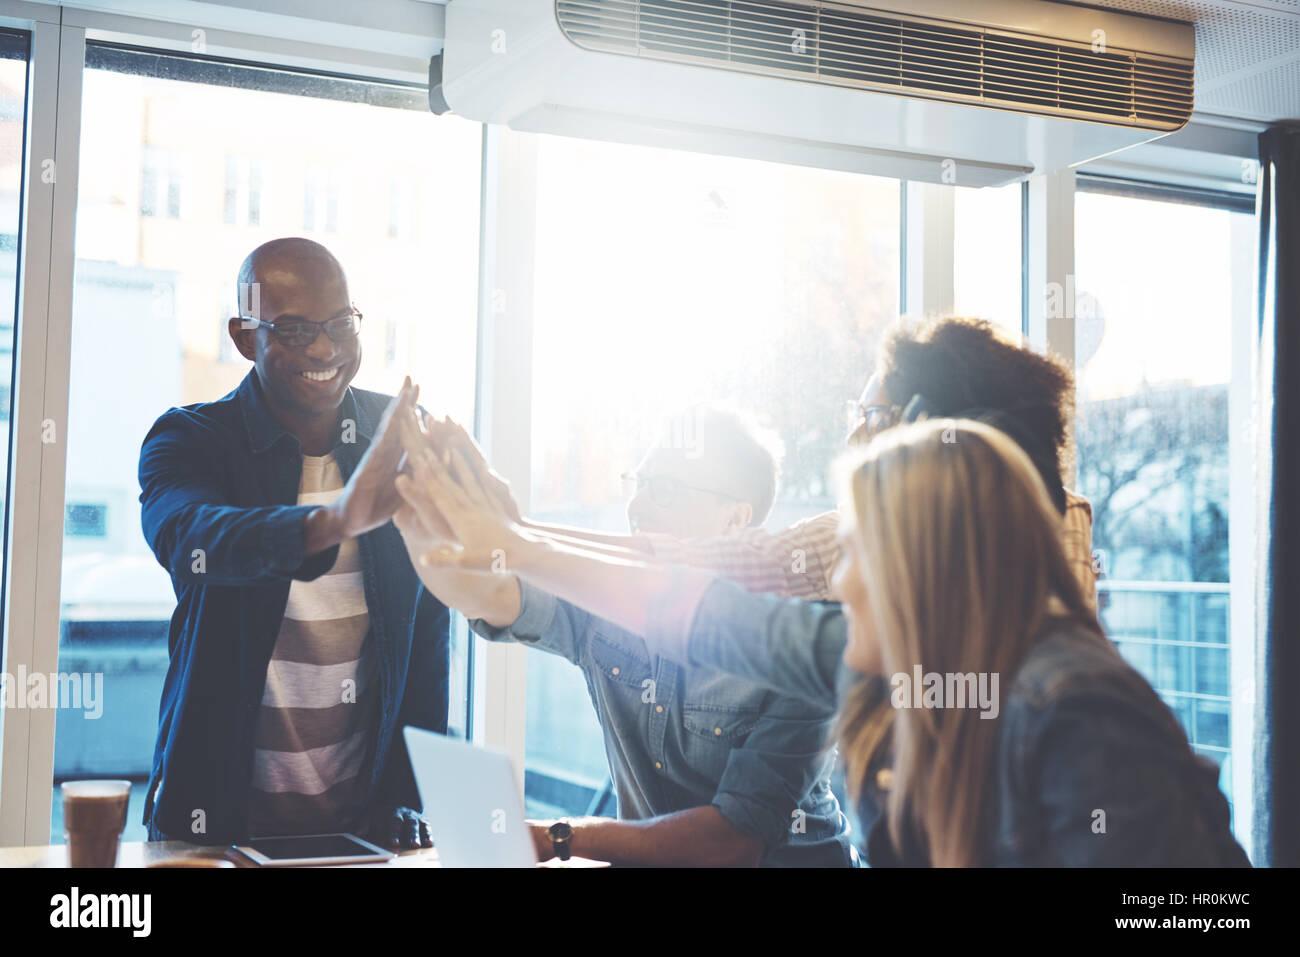 Les jeunes dans les tenues de donner la marbrerie à l'autre comme s'célébrer quelque chose, Photo Stock